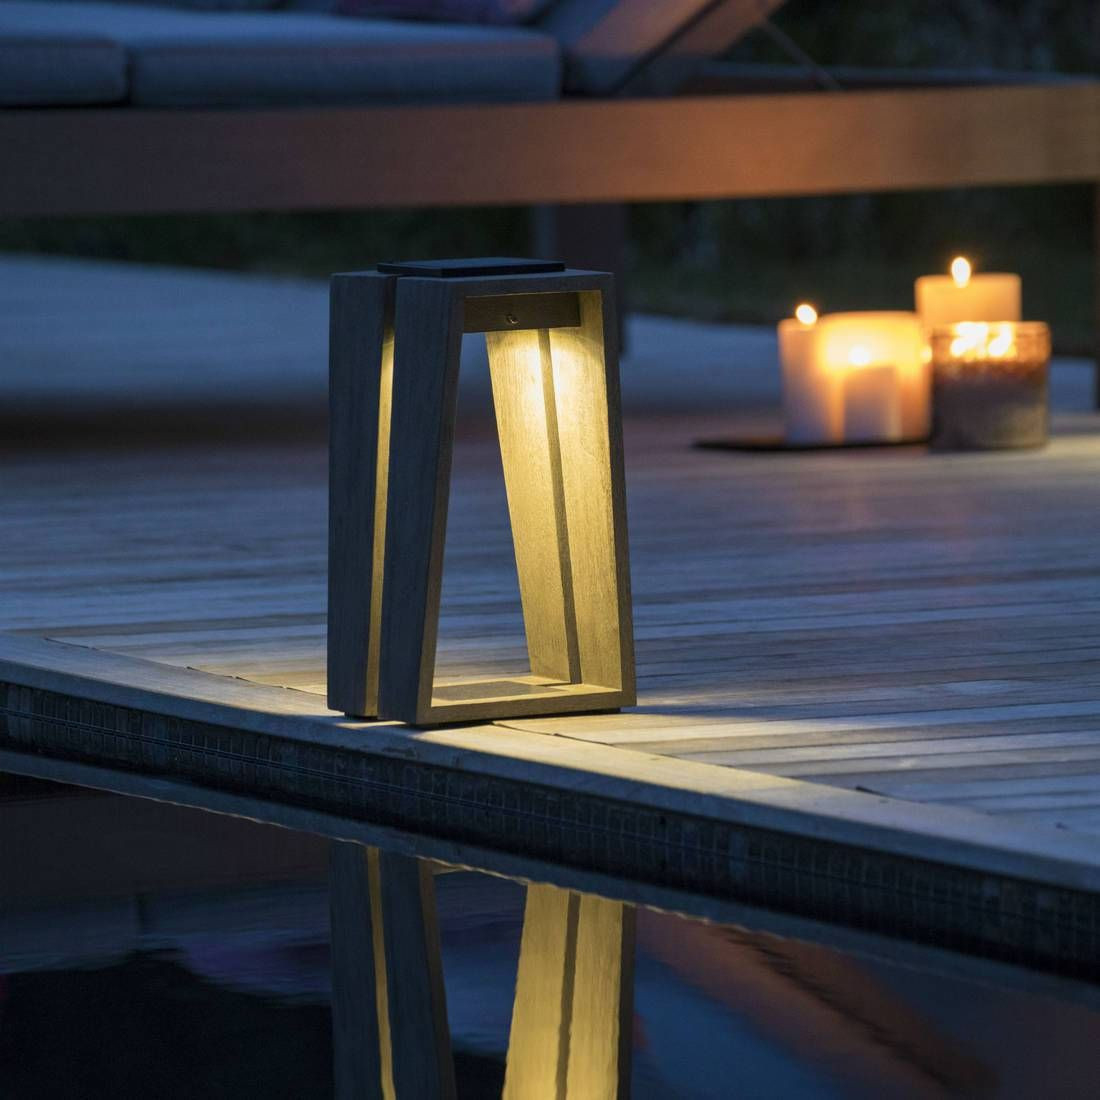 Lampe De Chevet solaire Impressionnant Image Lampadaire De Jardin solaire